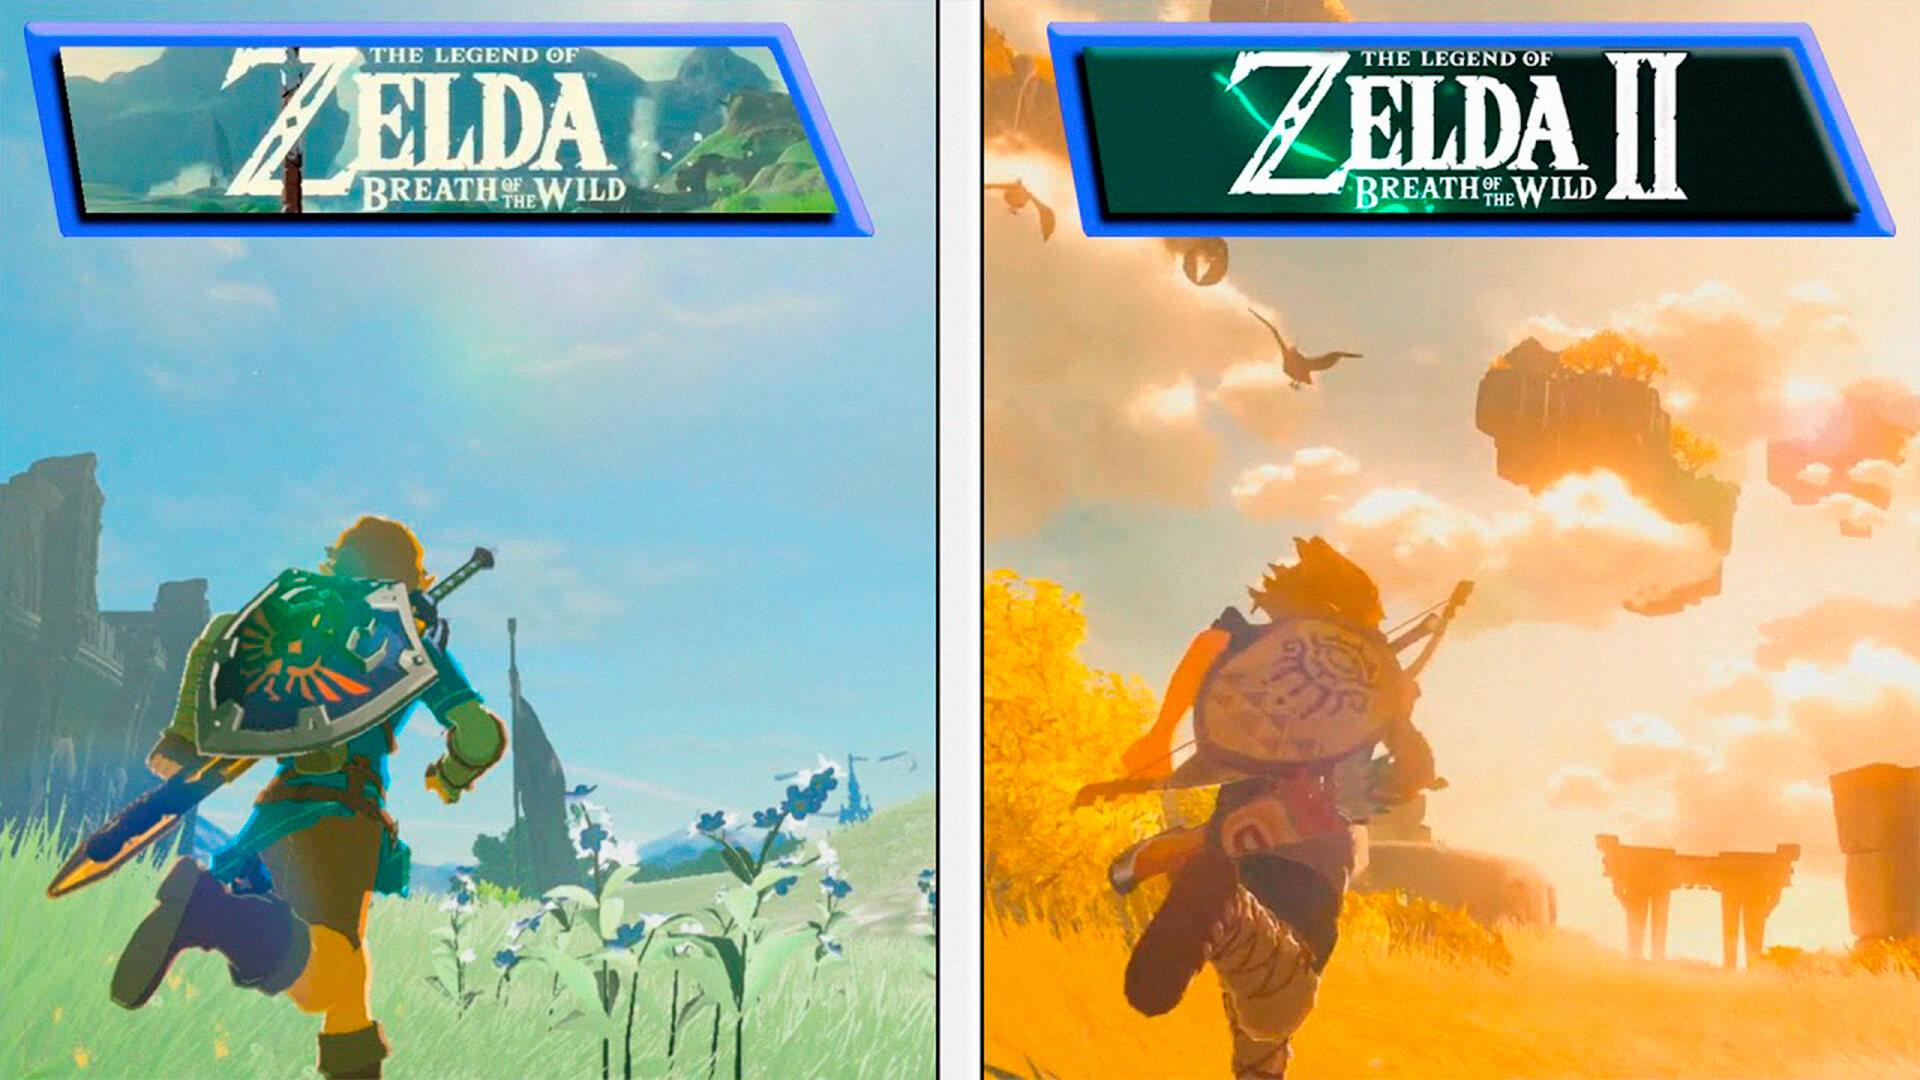 The Legend of Zelda: Breath of the Wild 2 acabou de ser anunciado na conferencia da Nintendo na E3 2021 com um trailer de gameplay.